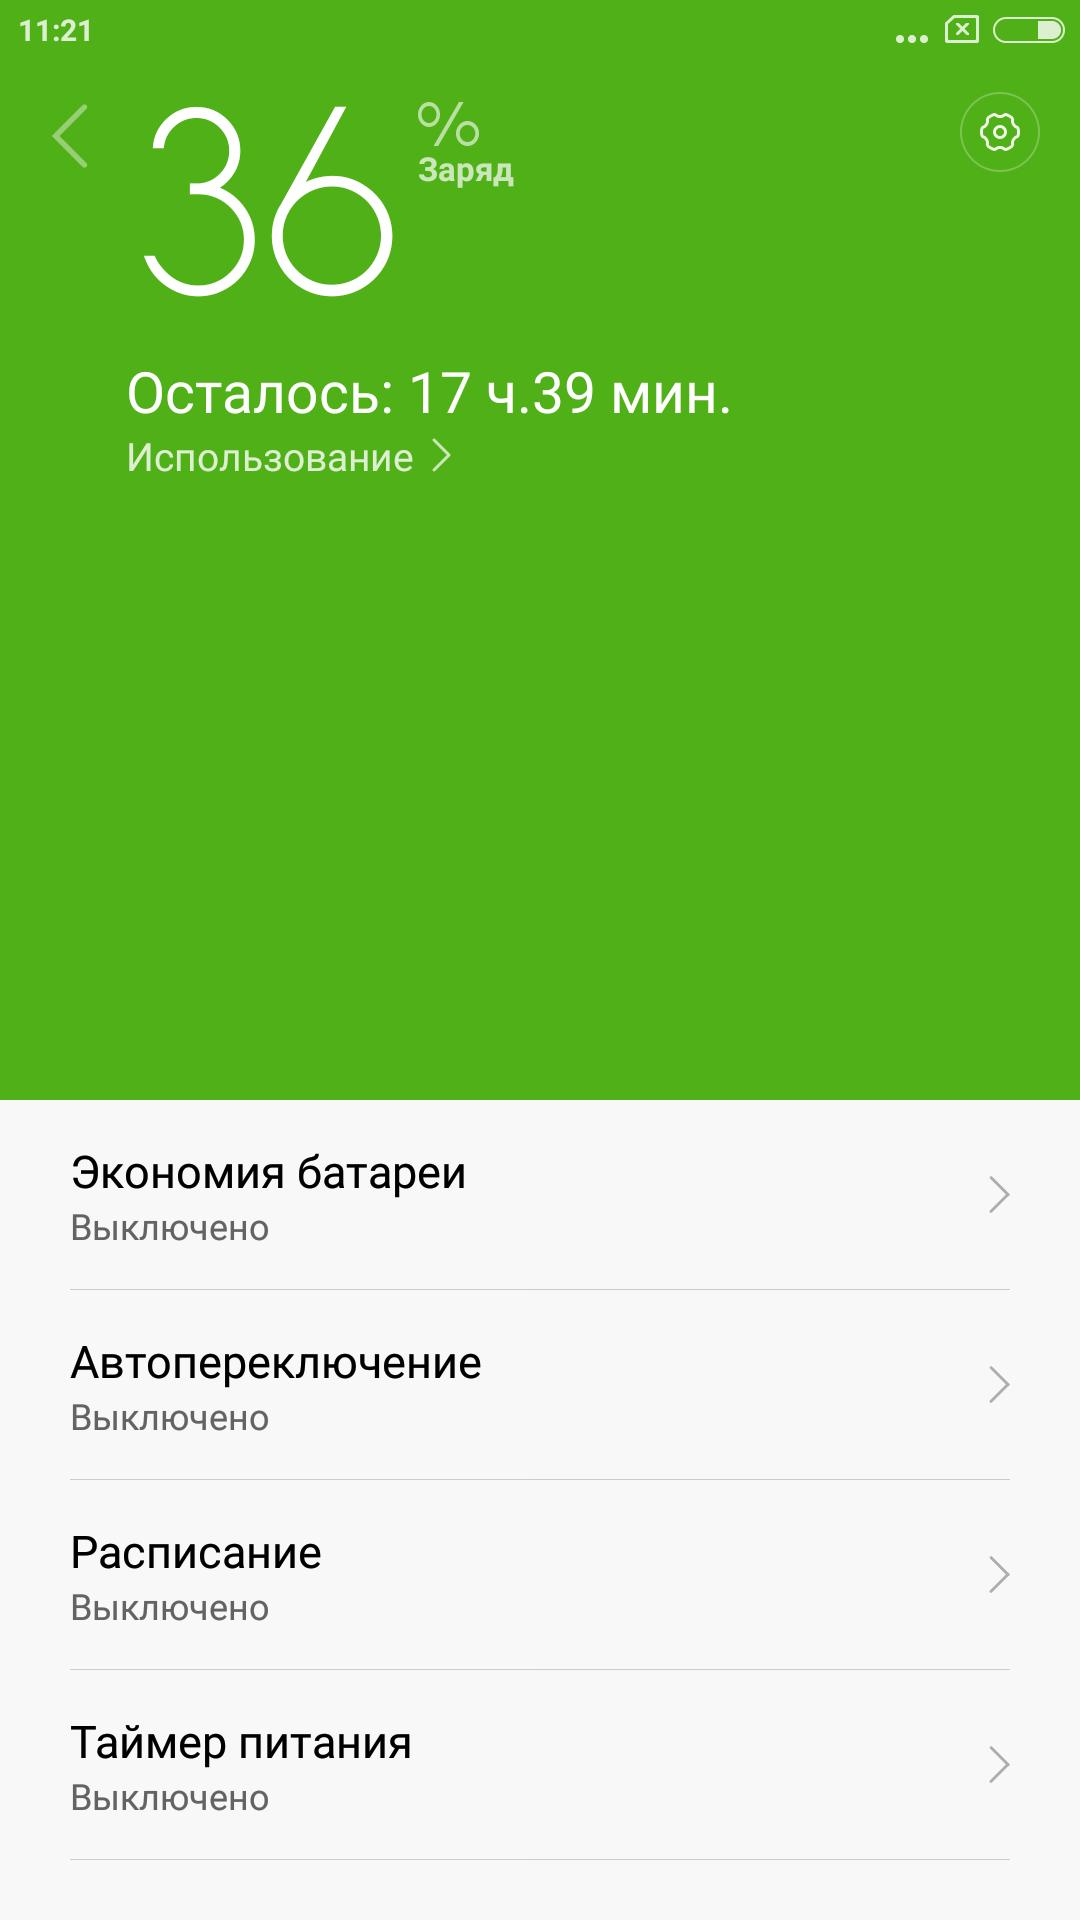 Обзор лучшего бюджетника 2015 года — Xiaomi Redmi Note 2 - 71